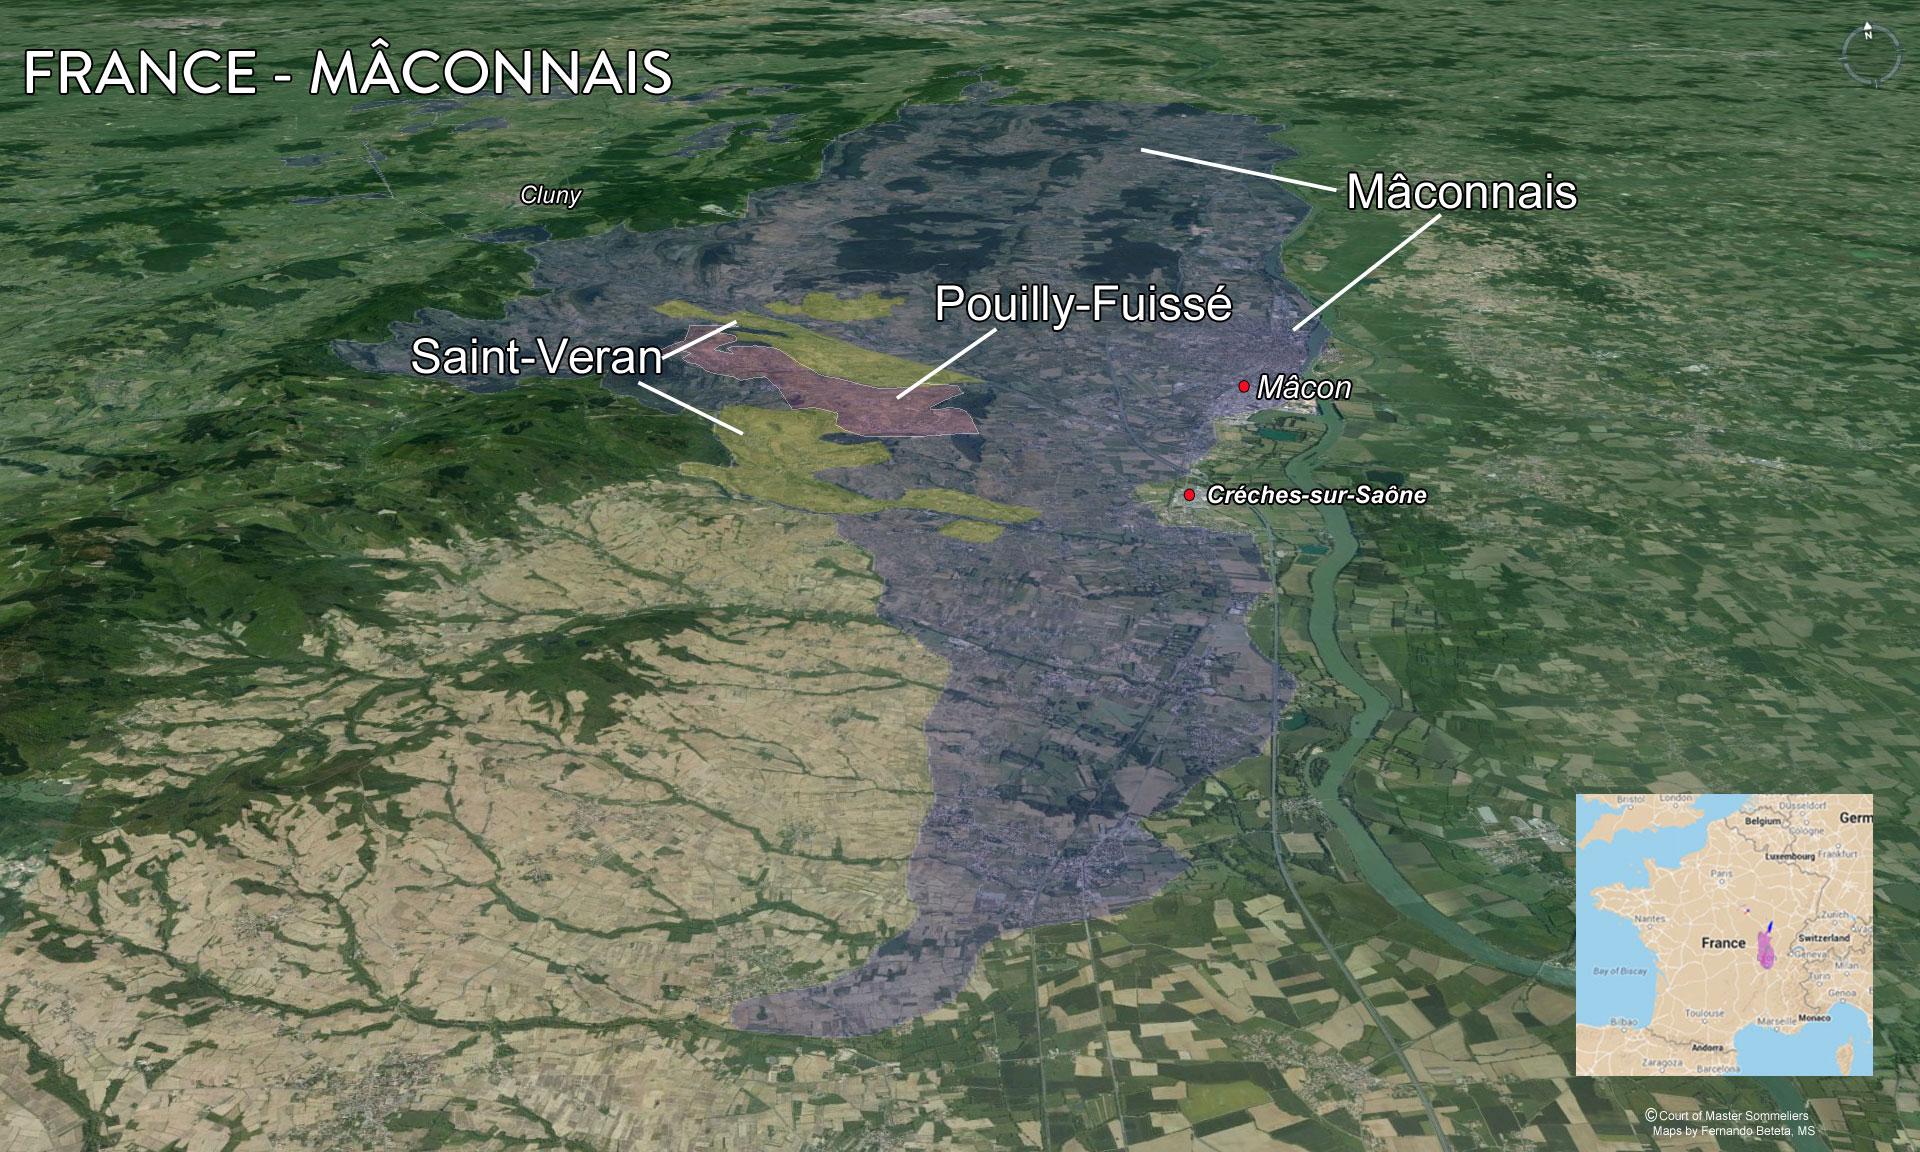 France-Burgundy-Maconnais.jpg